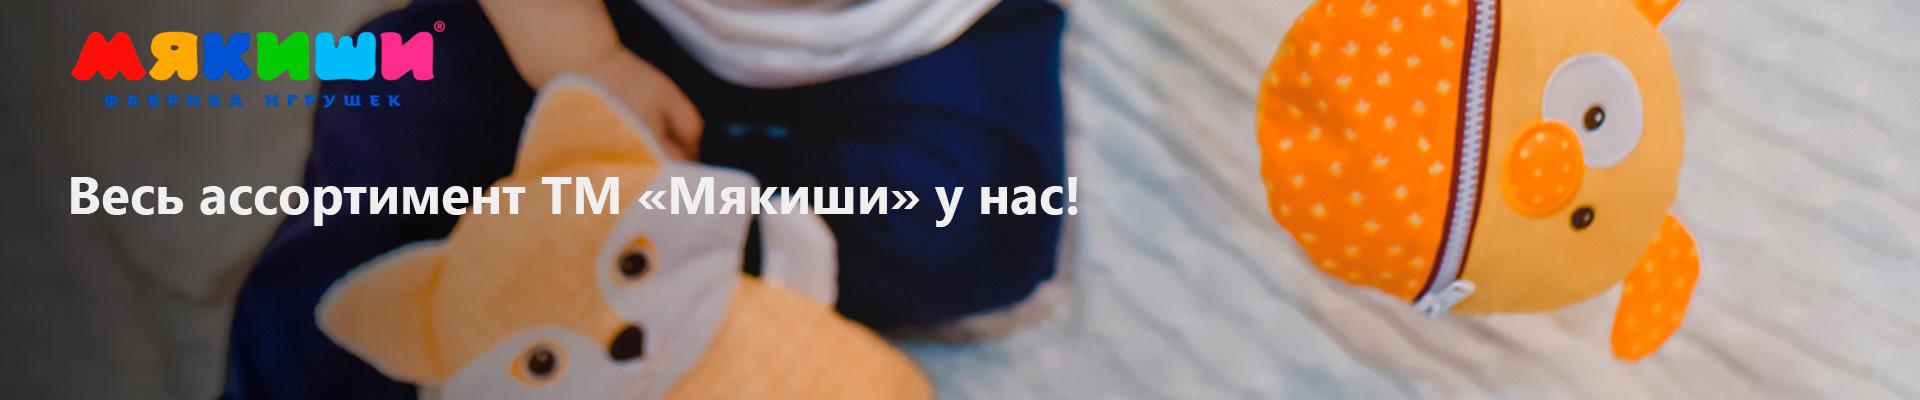 4dbcd2e34d71 Интернет-магазин детской одежды, мебели, колясок в Волгограде, Волжском